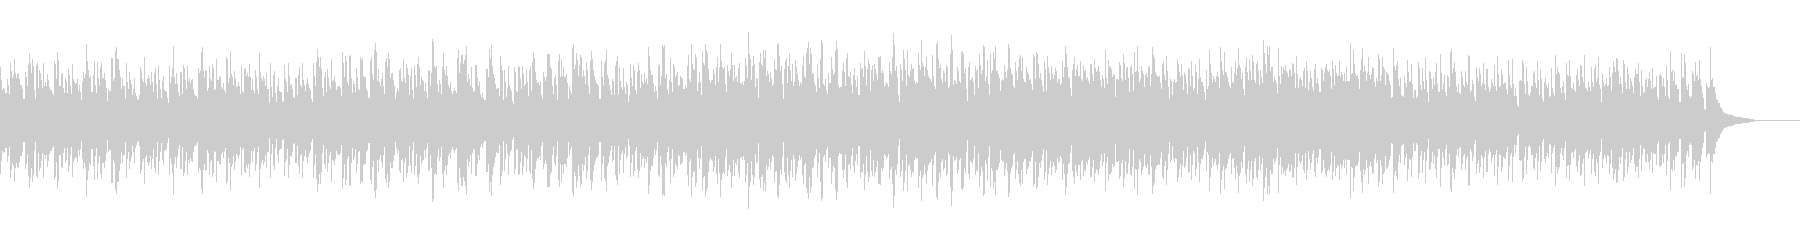 ブルース進行の明るい曲の未再生の波形